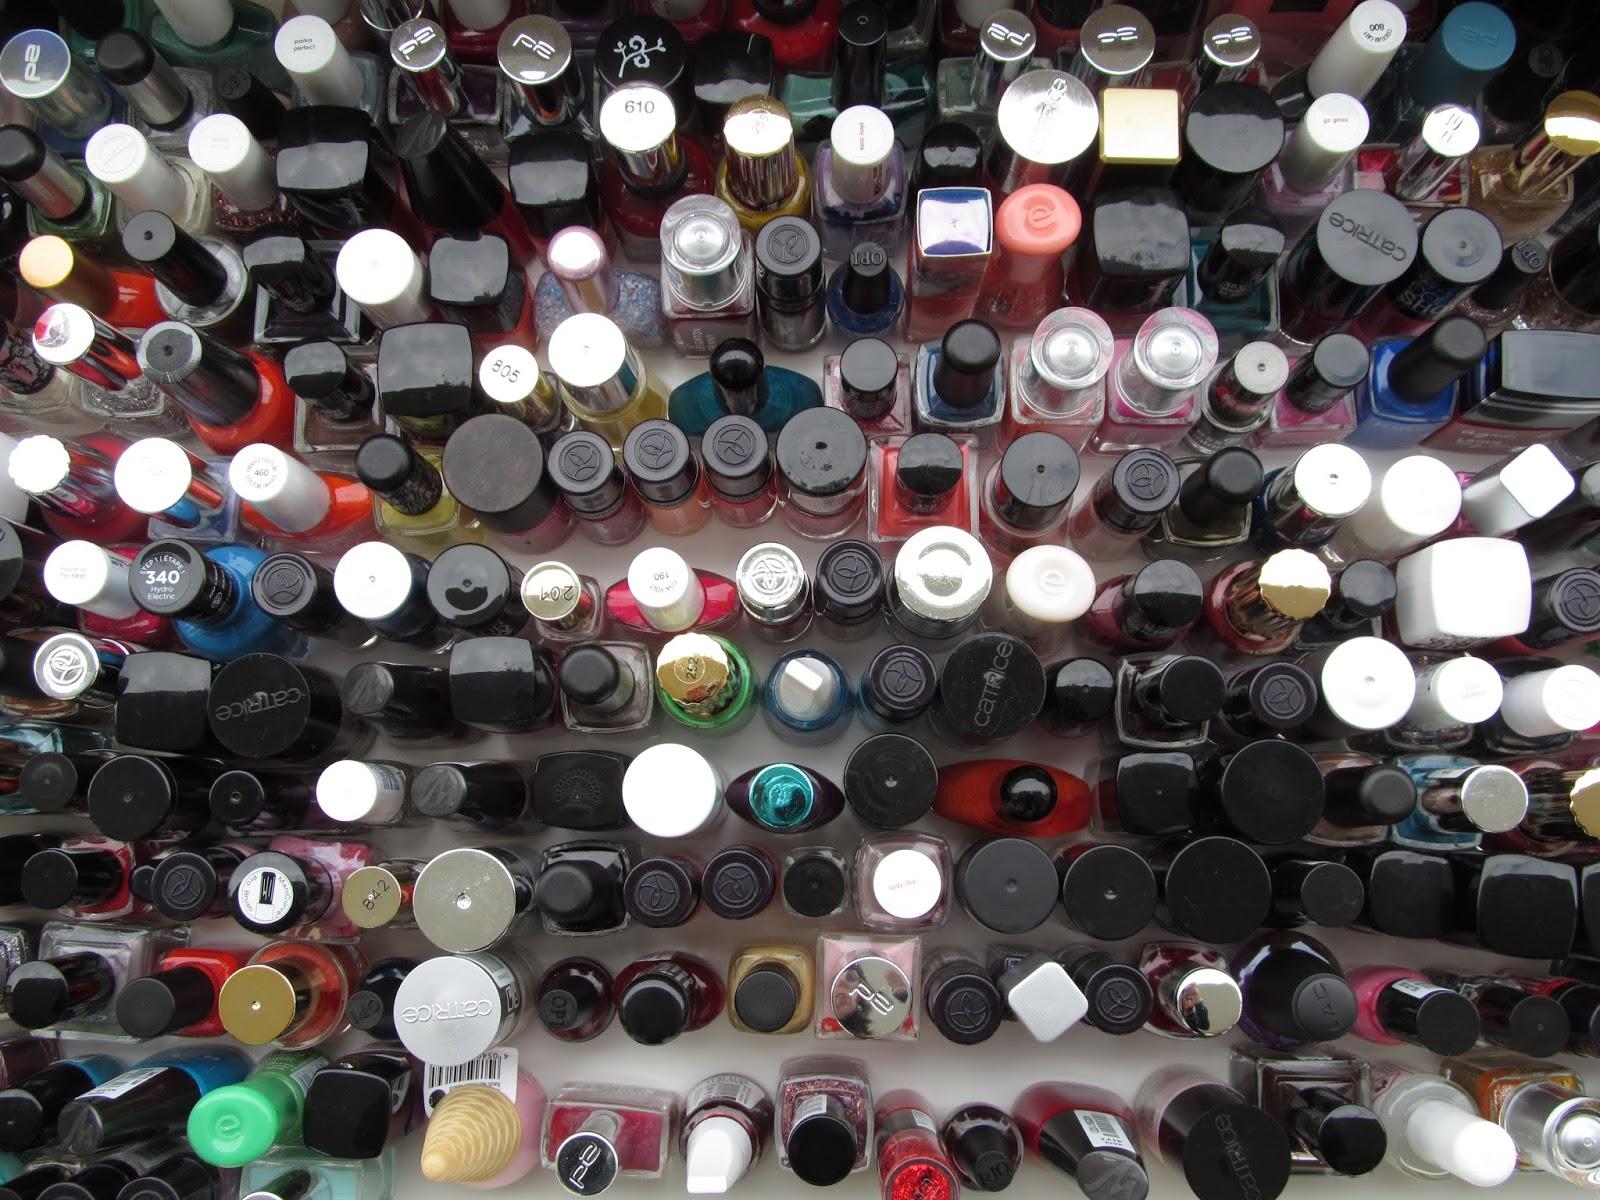 Magische Farbwelt - Rund um Kosmetik und mehr: Meine Nagellacke ...